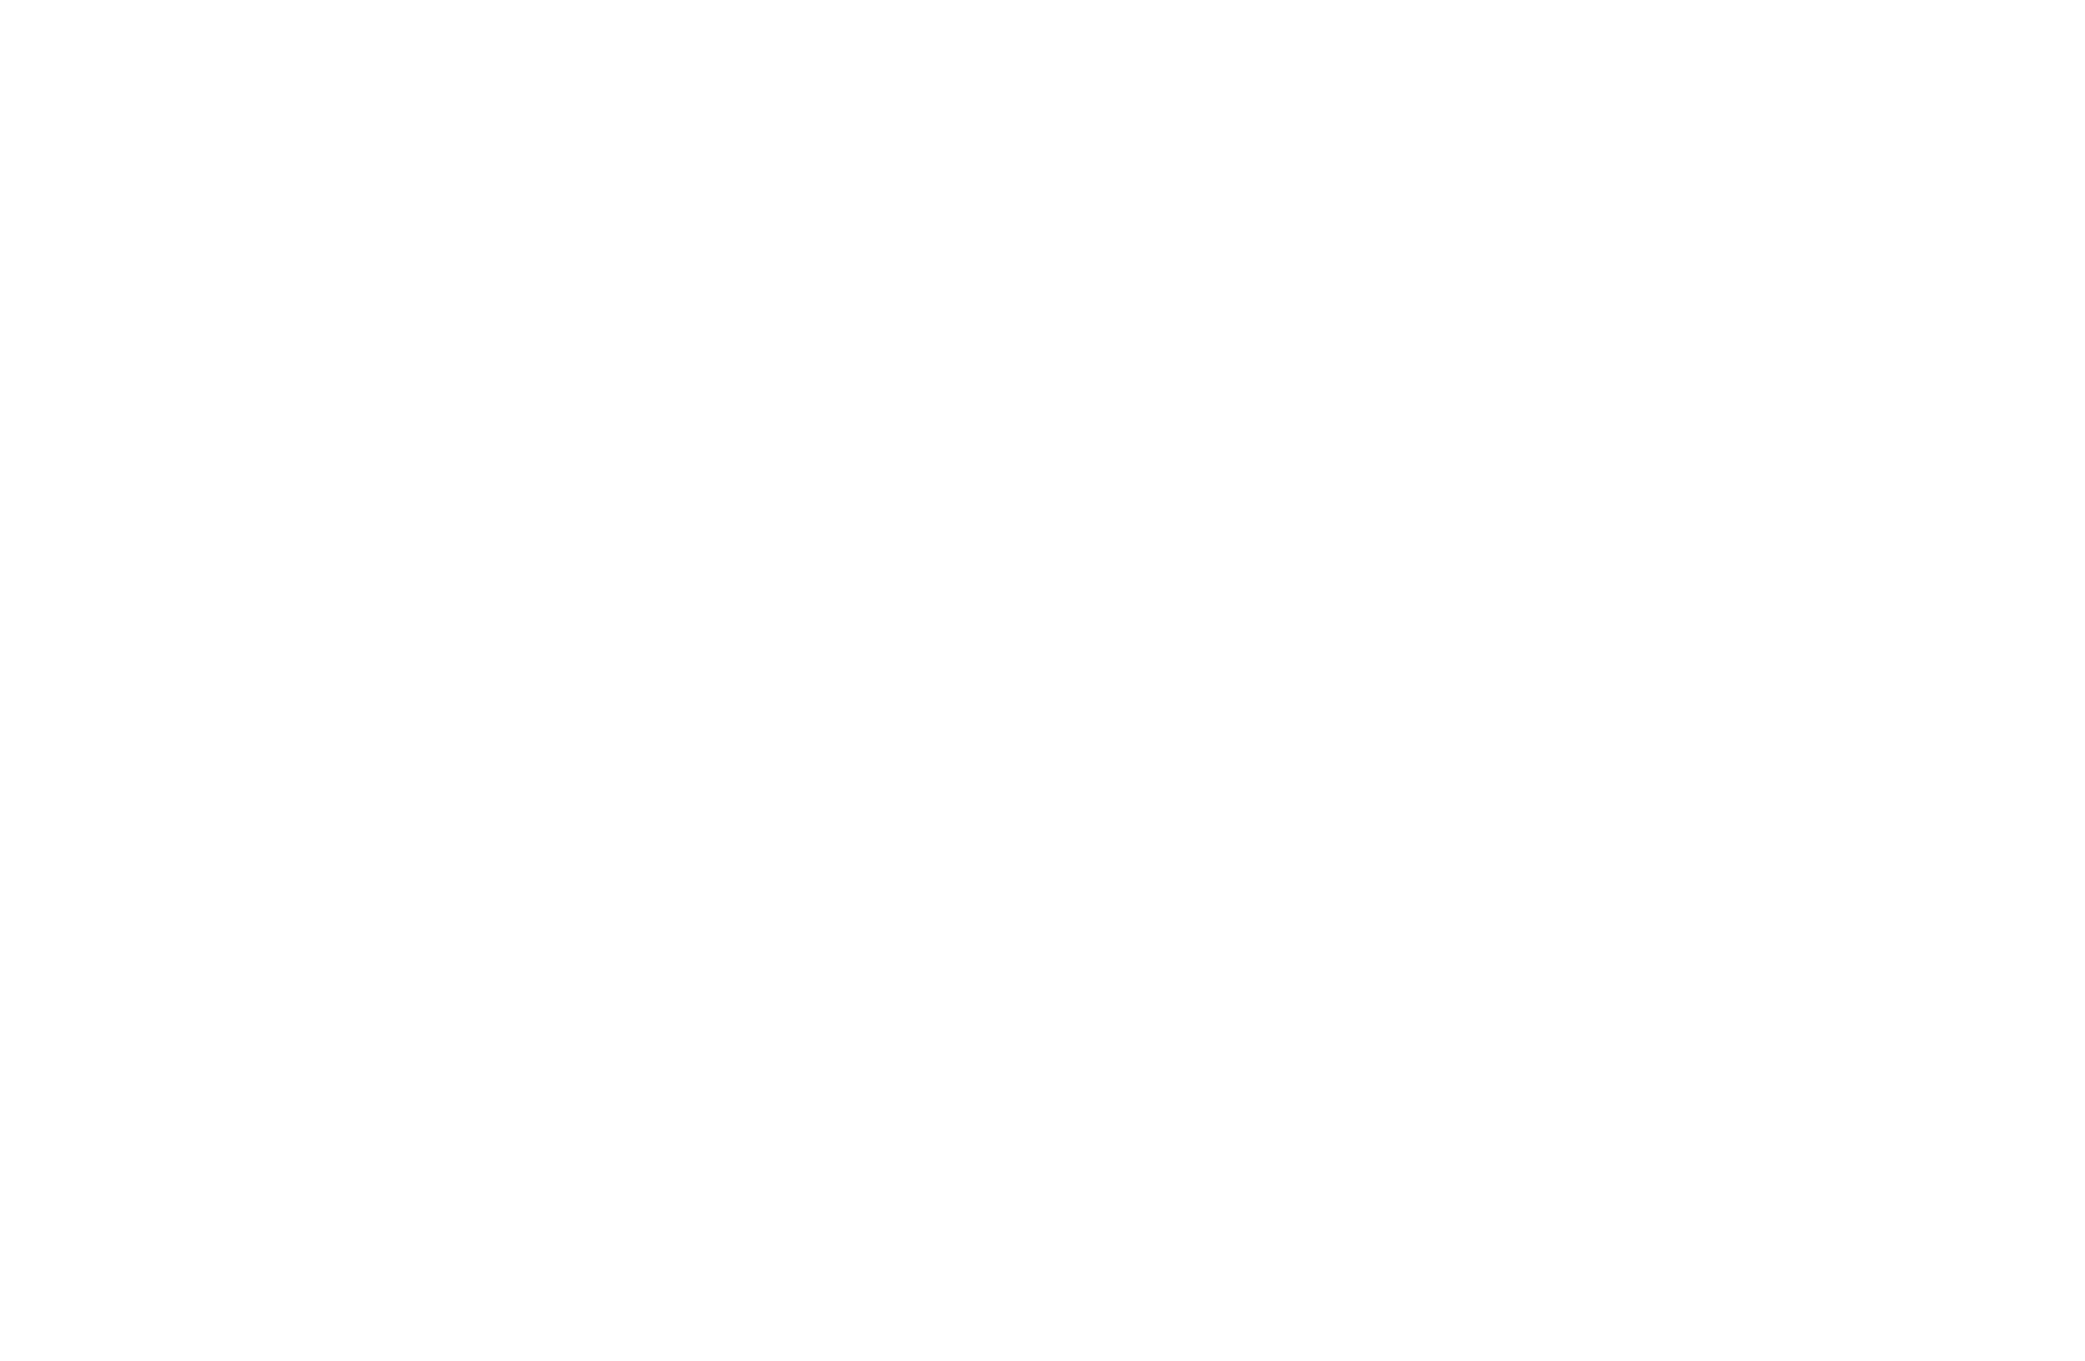 SDG_GROUP LOGO VECTOR WHITE - MERCHANDISING